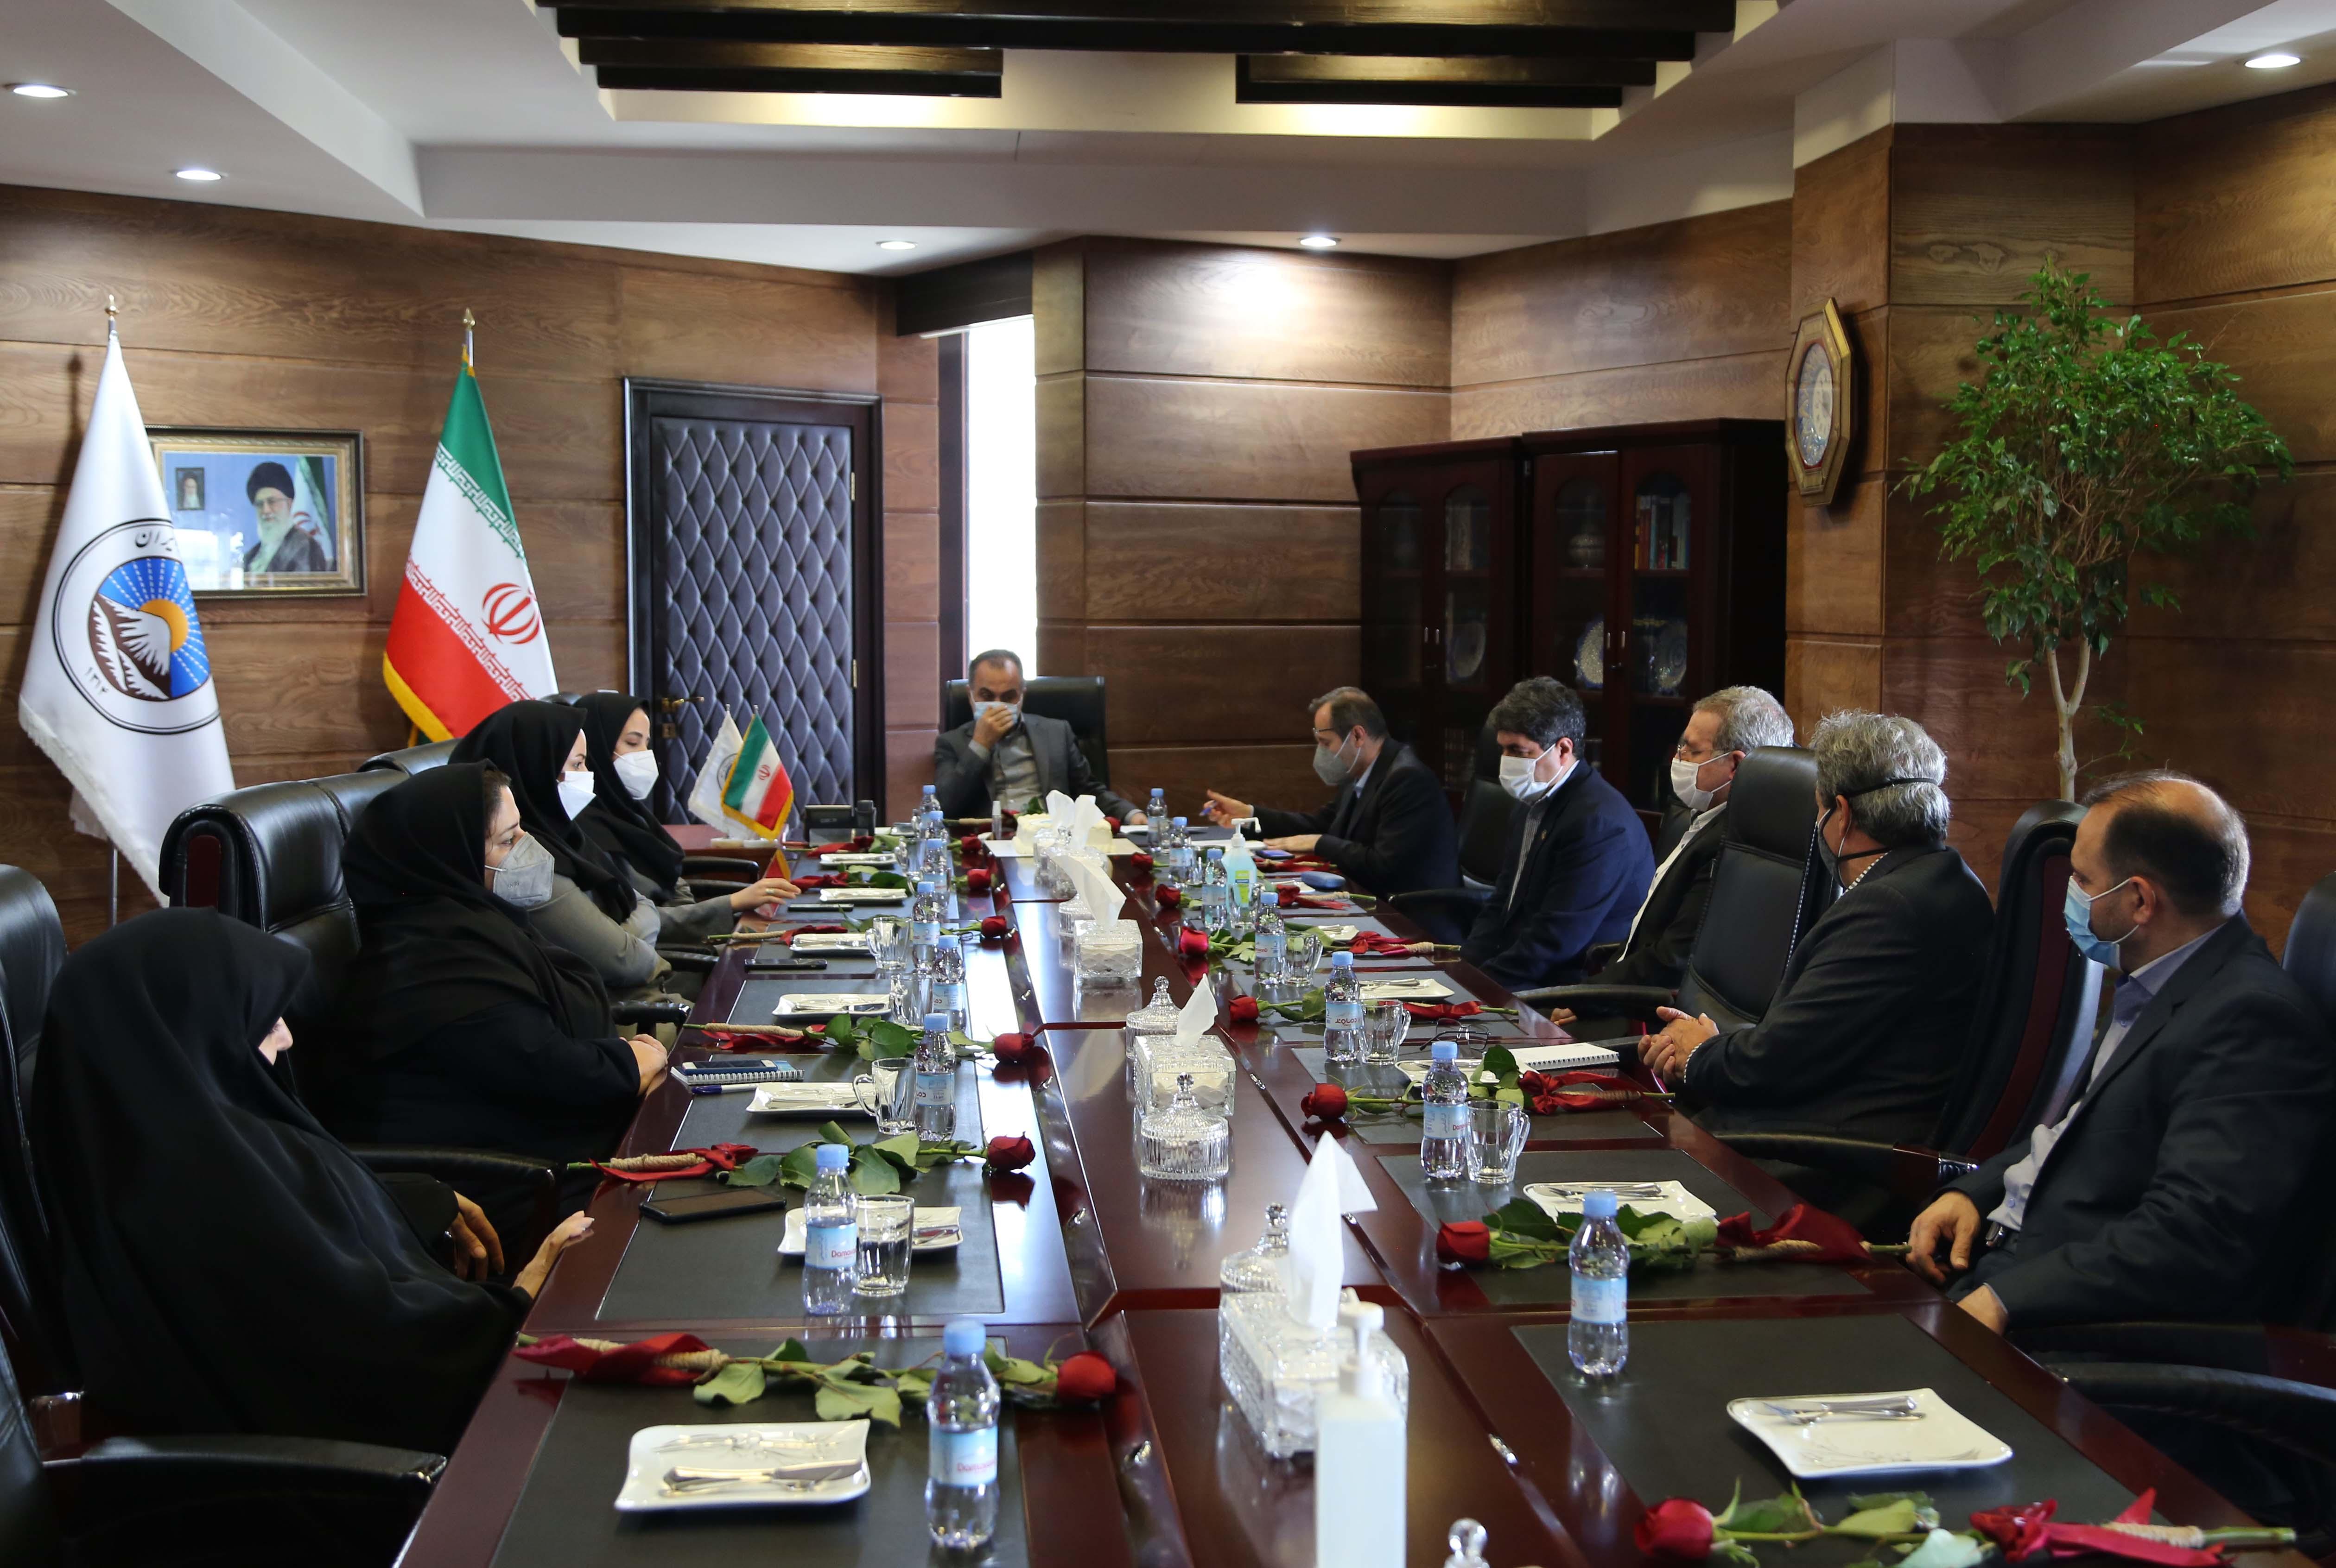 دیدار مدیرعامل بیمه ایران با کارکنان روابط عمومی شرکت در روز ملی ارتباطات و روابط عمومی